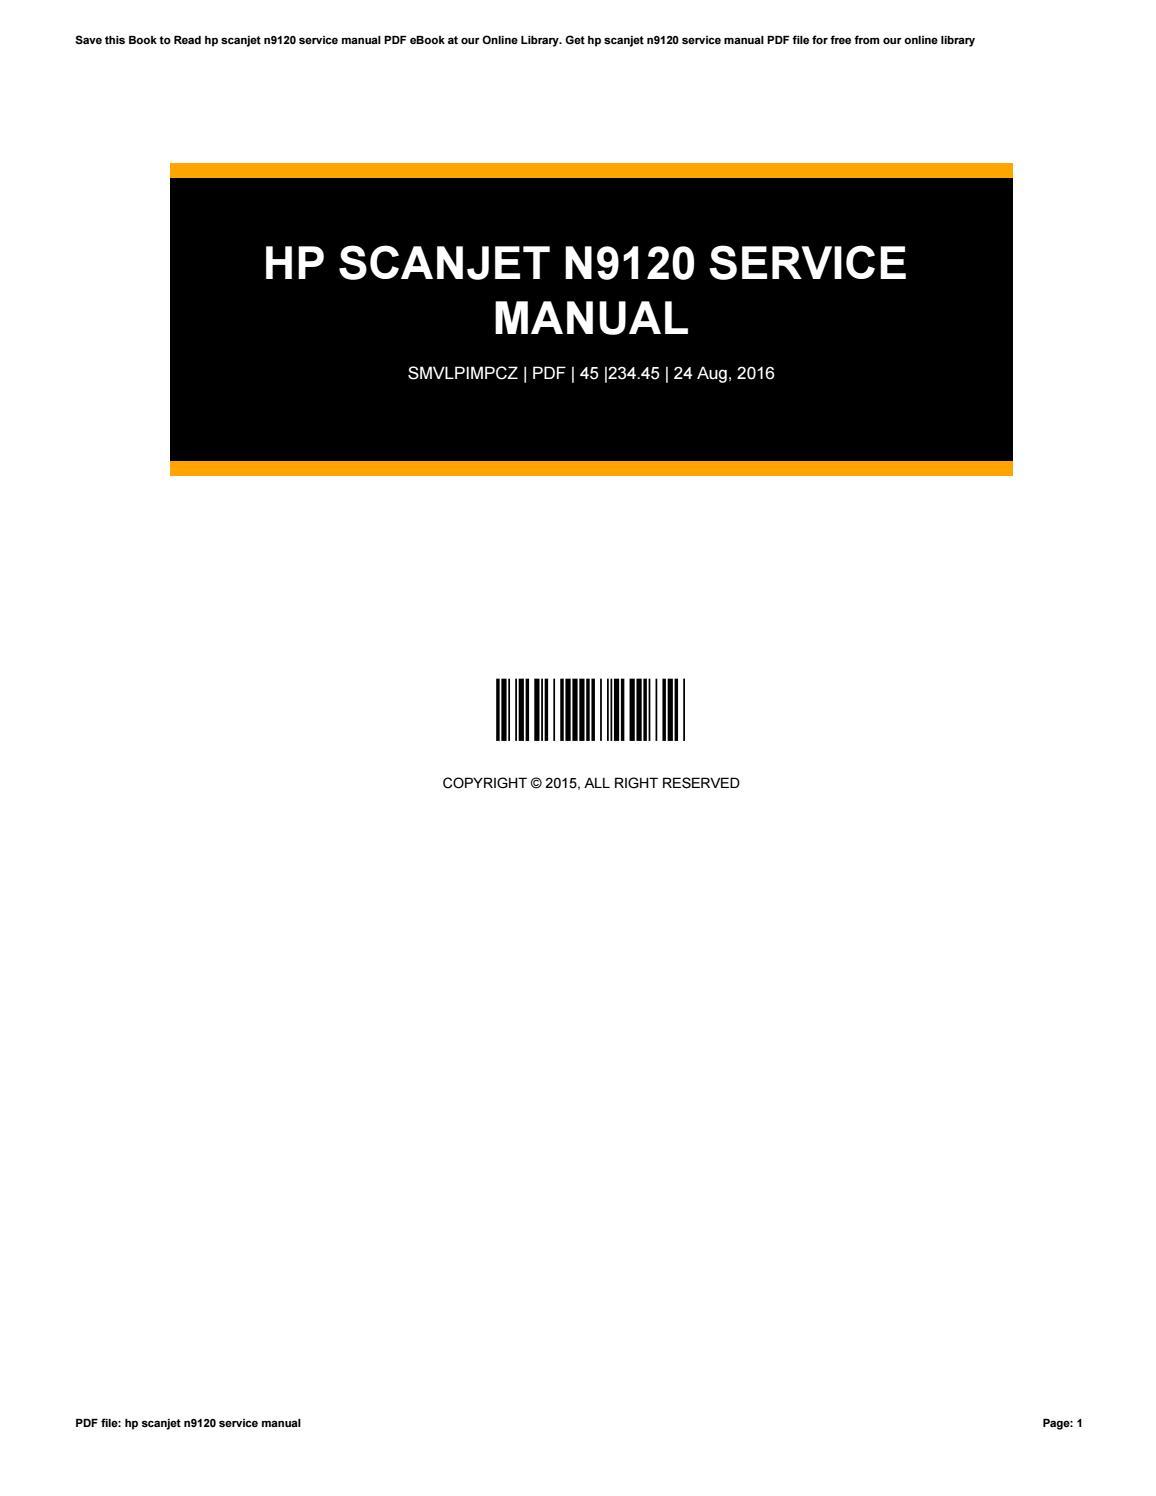 Hp scanjet n9120 user manual pdf download.